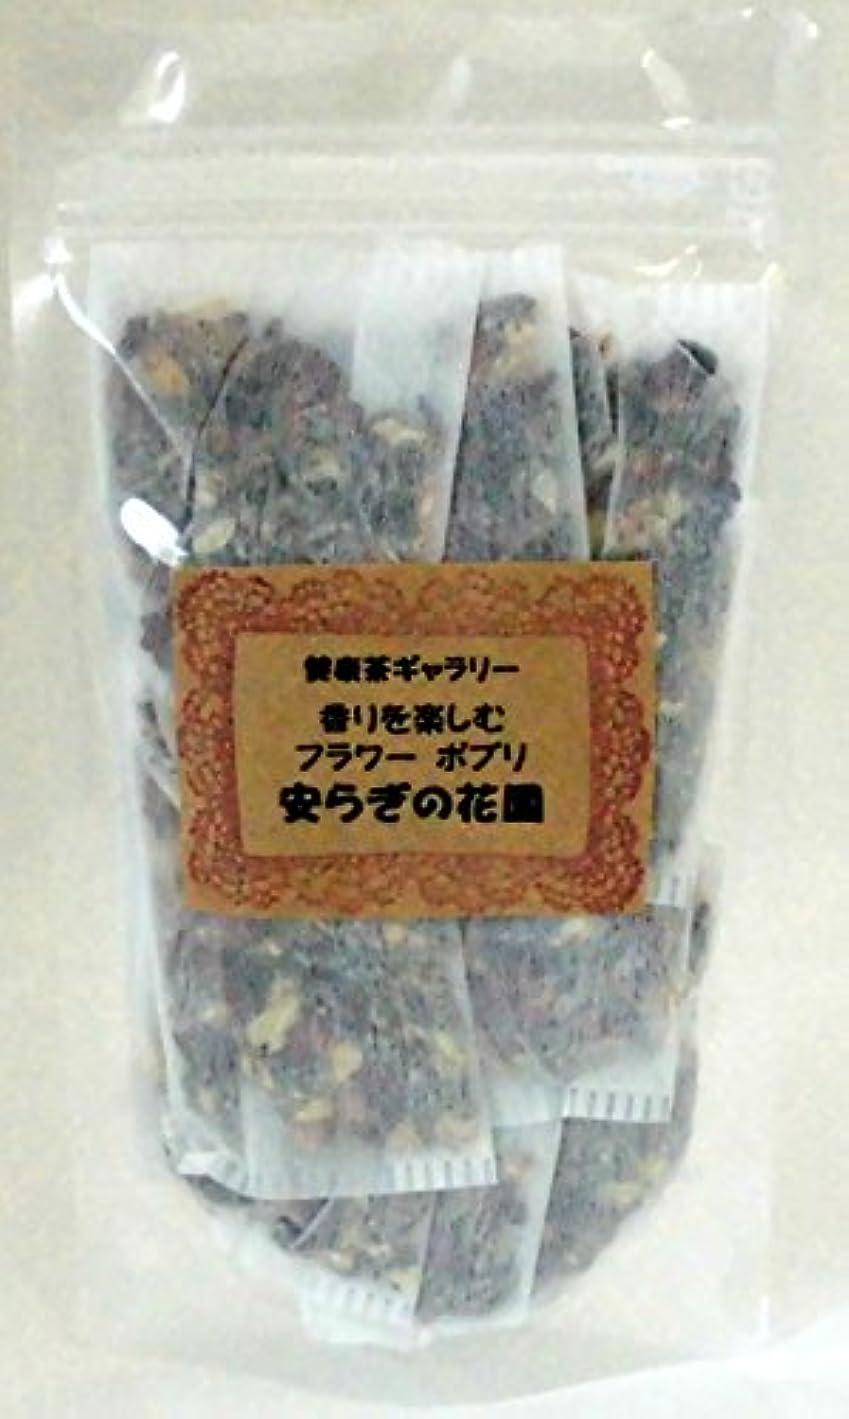 療法親であることフラワー ポプリ【安らぎの花園】 (3g×8袋)【郵便対応サイズ】【ラベンダー ローズ ジャスミン の 香り 香り袋 香袋 匂い袋】